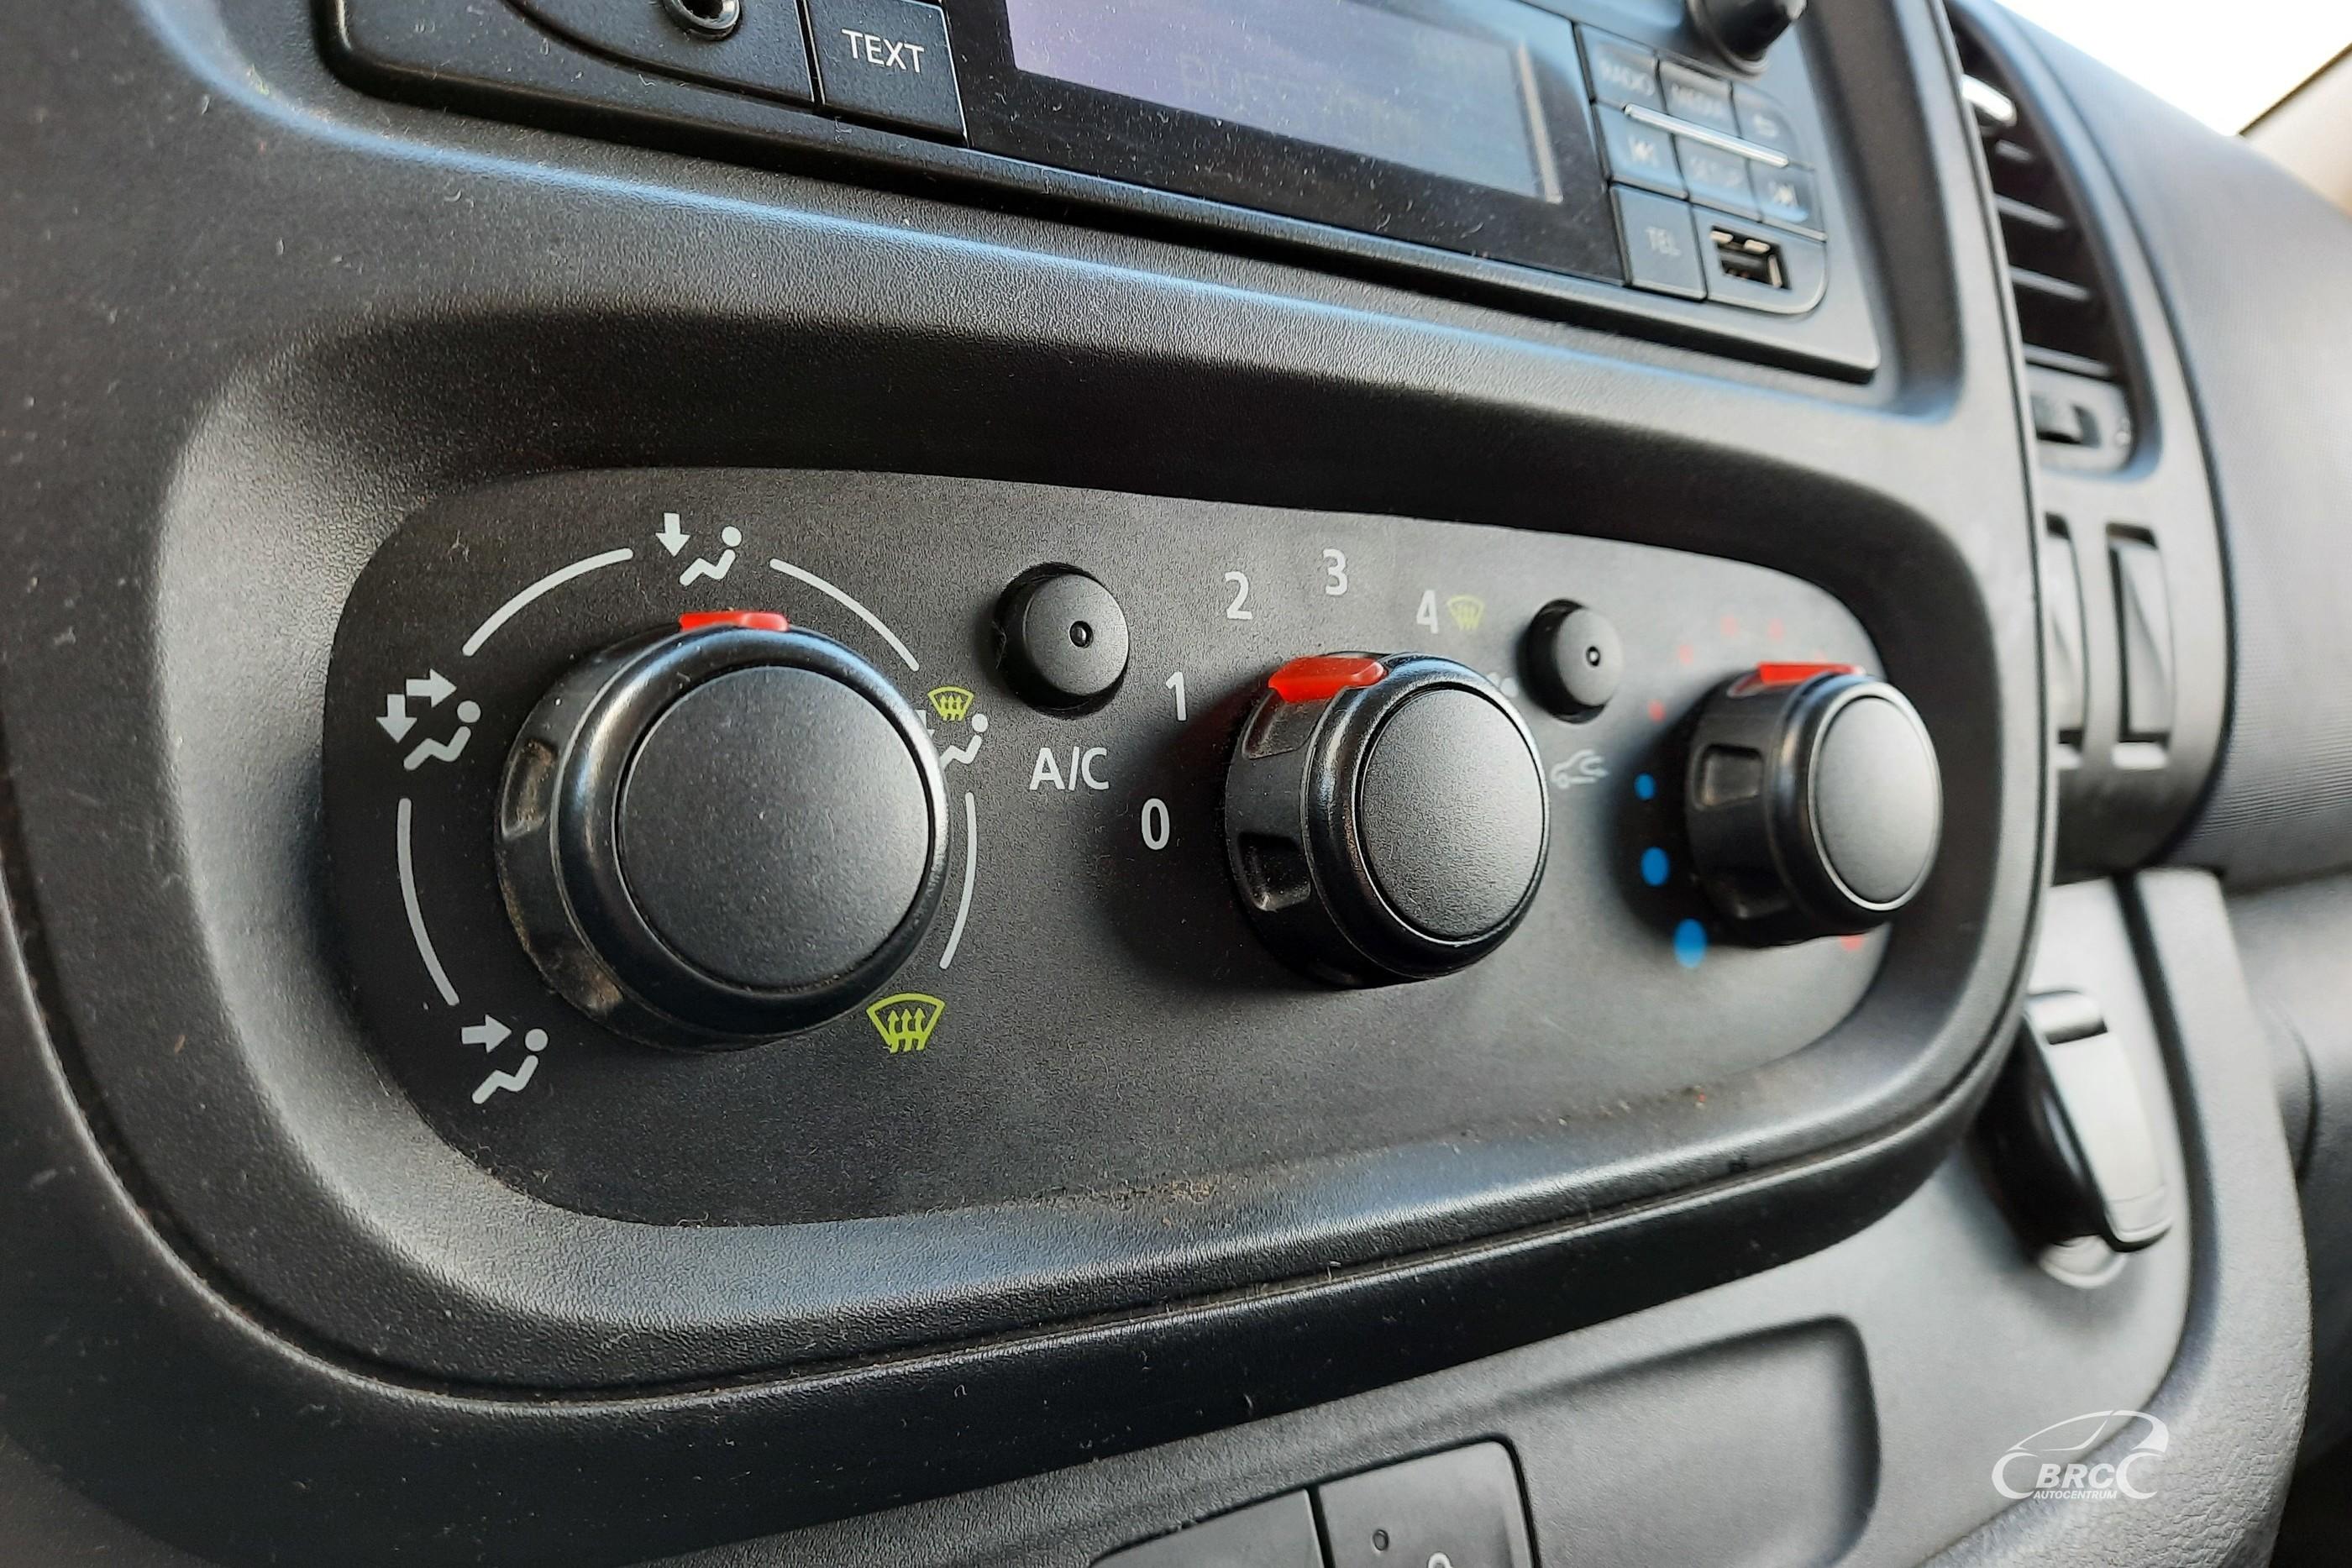 Opel Vivaro B 1.6 CDTI Bi-Turbo